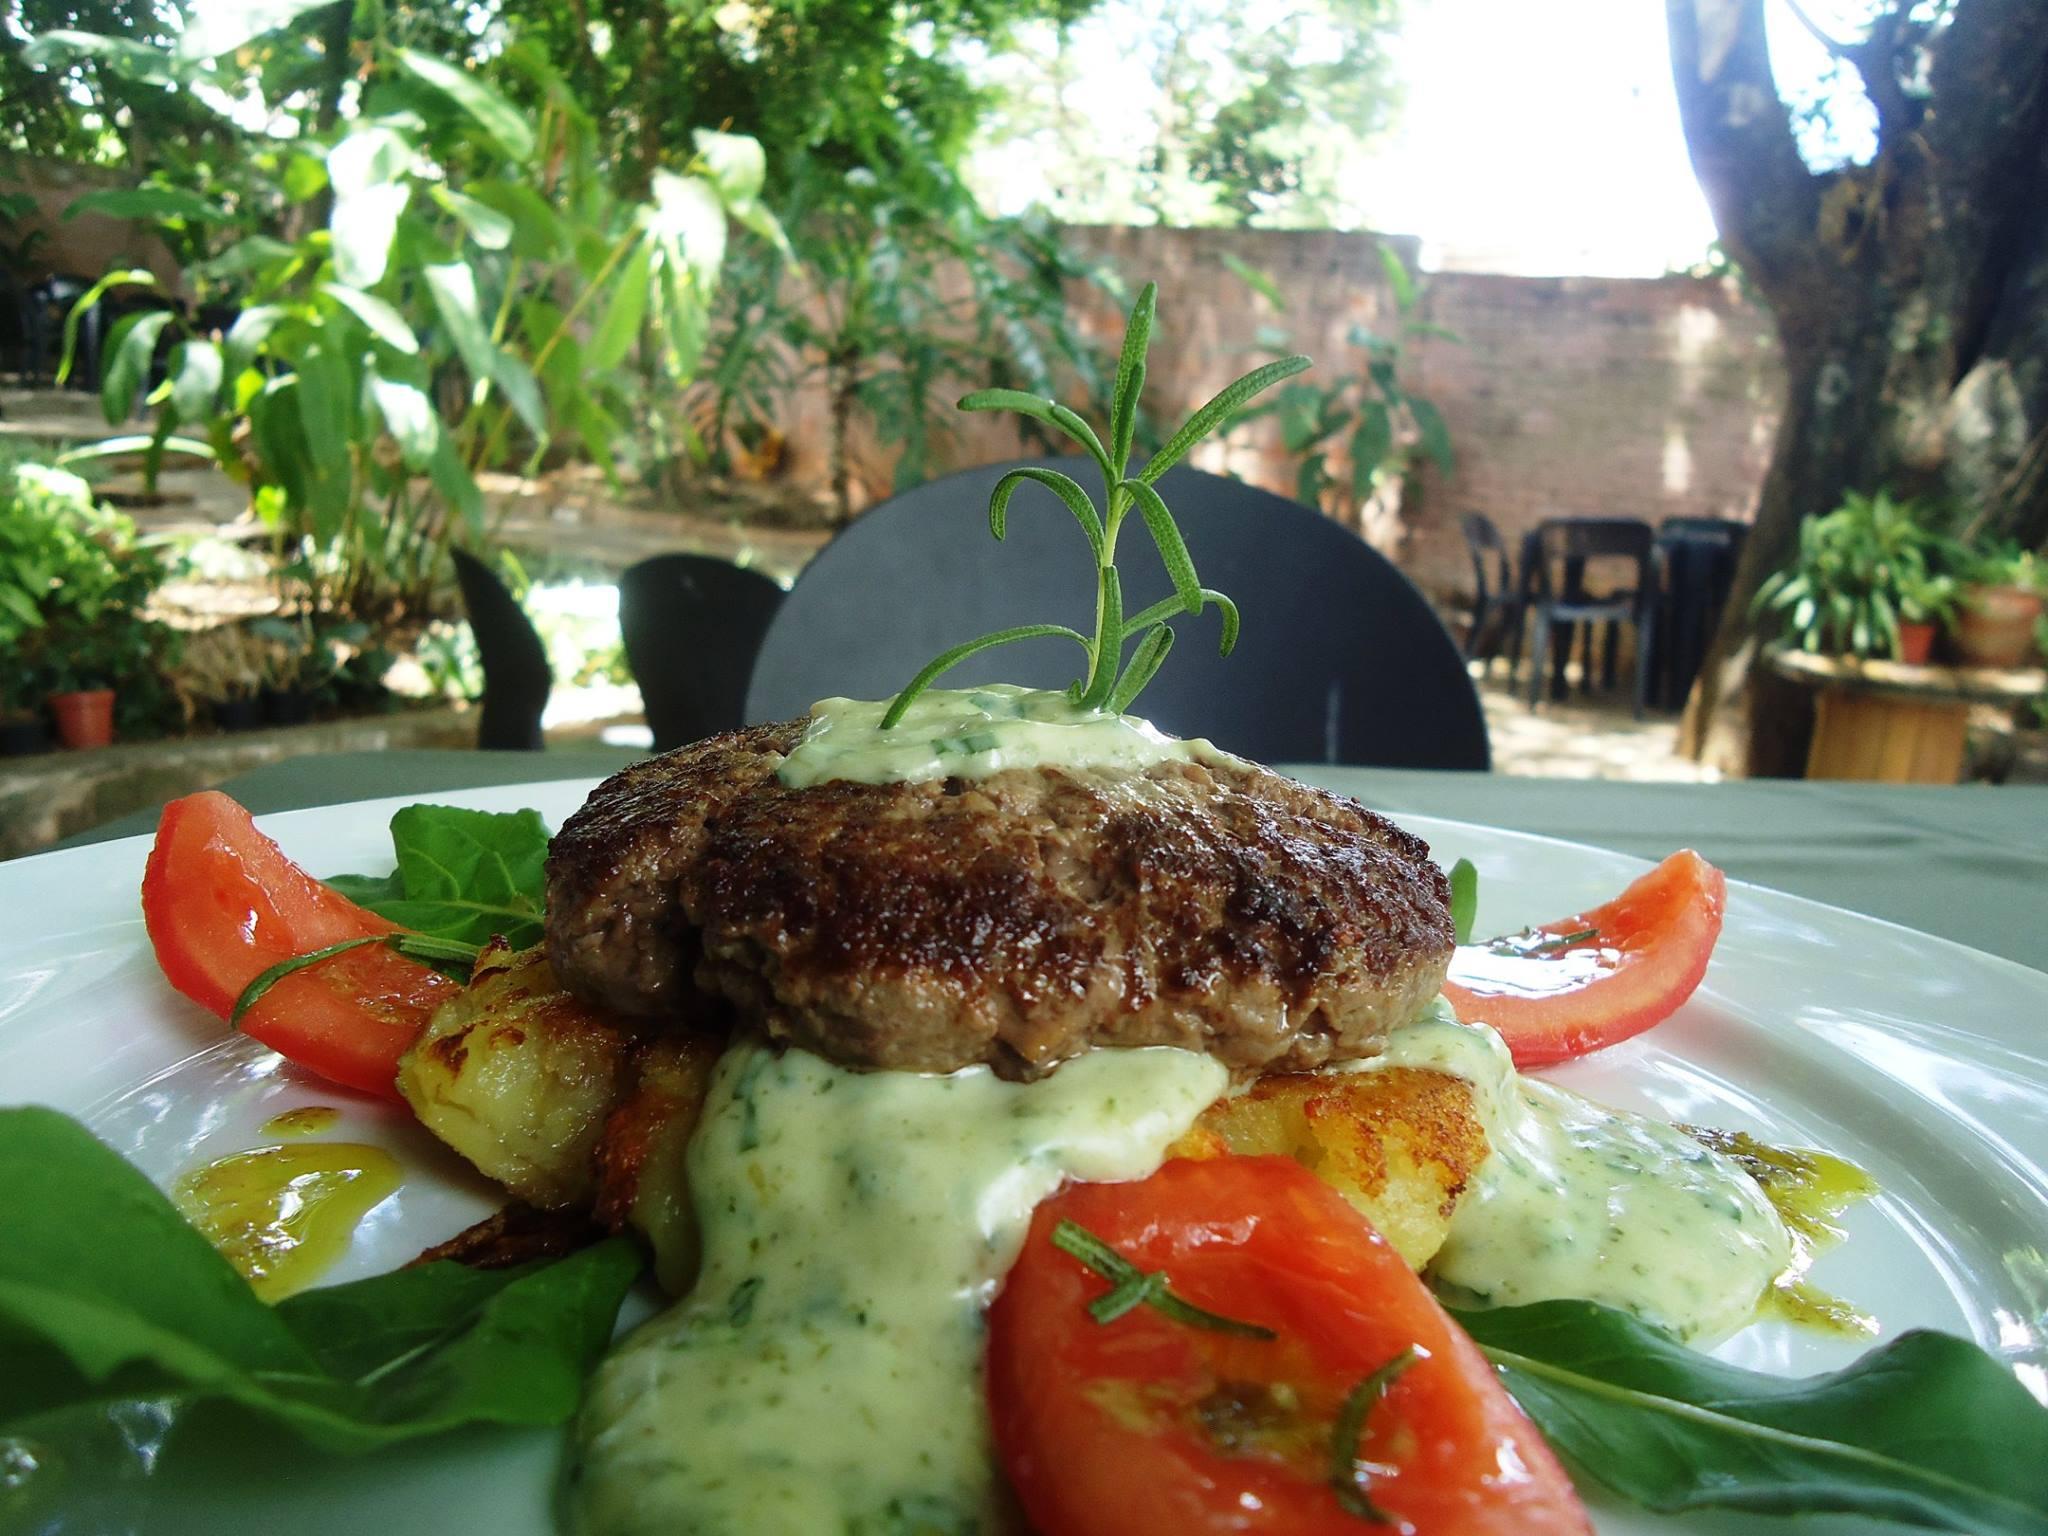 Hambúrguer, batata ao murro ou mousseline de mandioquinha, requeijão com ervas frescas, rúcula e pétalas de tomate